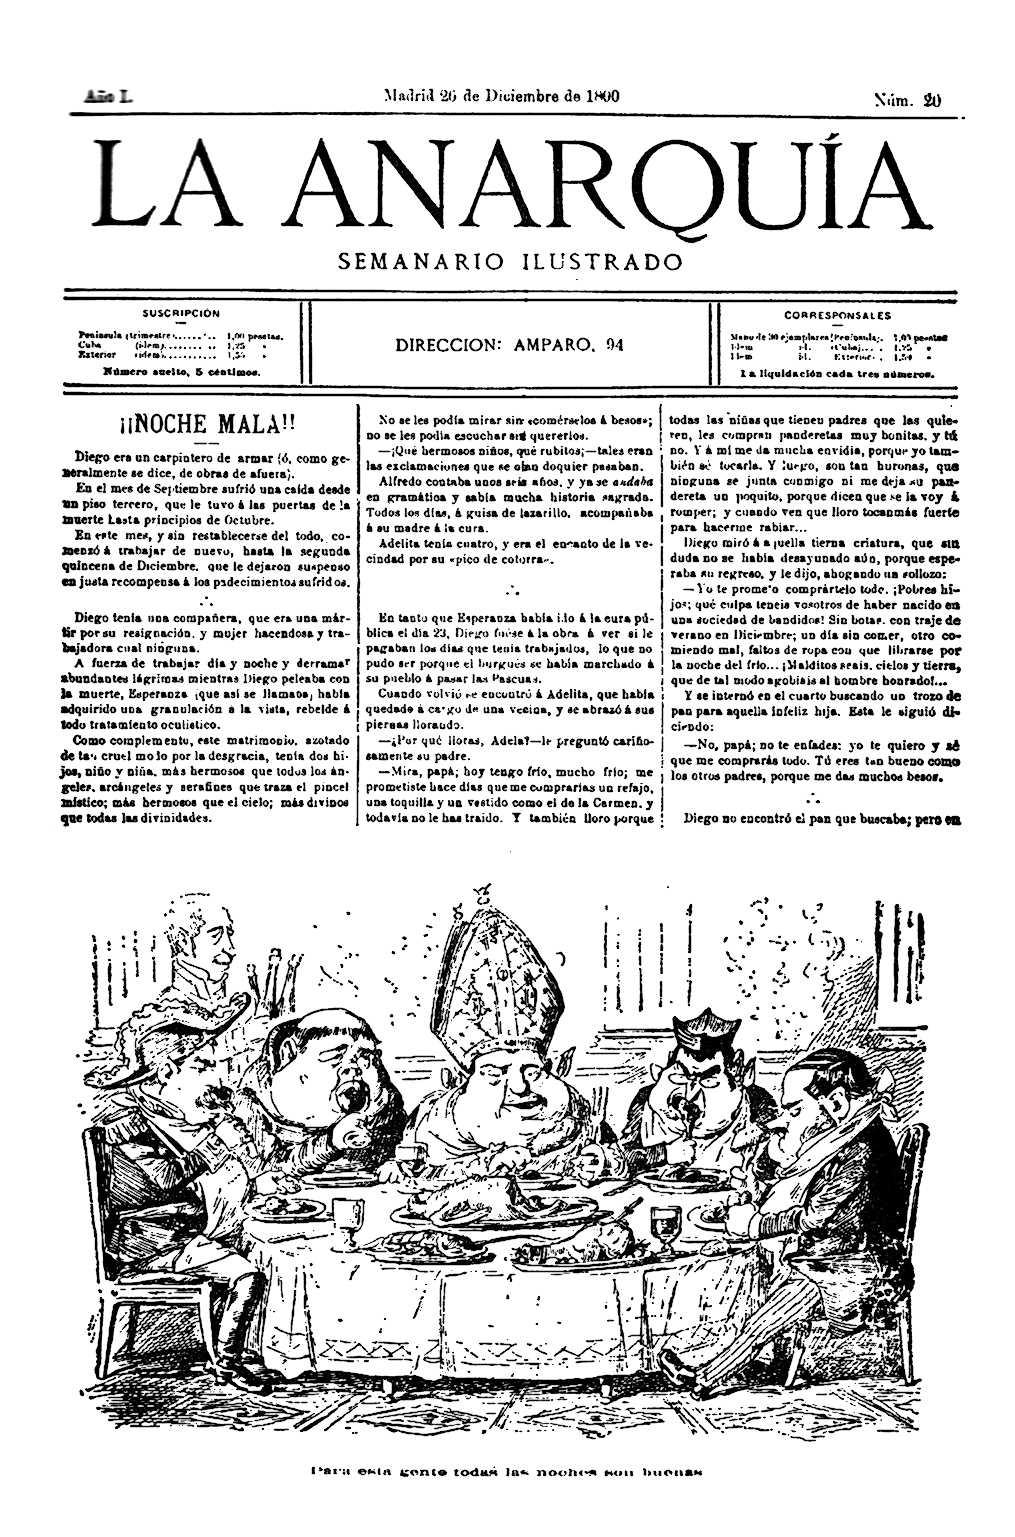 """Portada d'un exemplar de """"La Anarquía"""""""